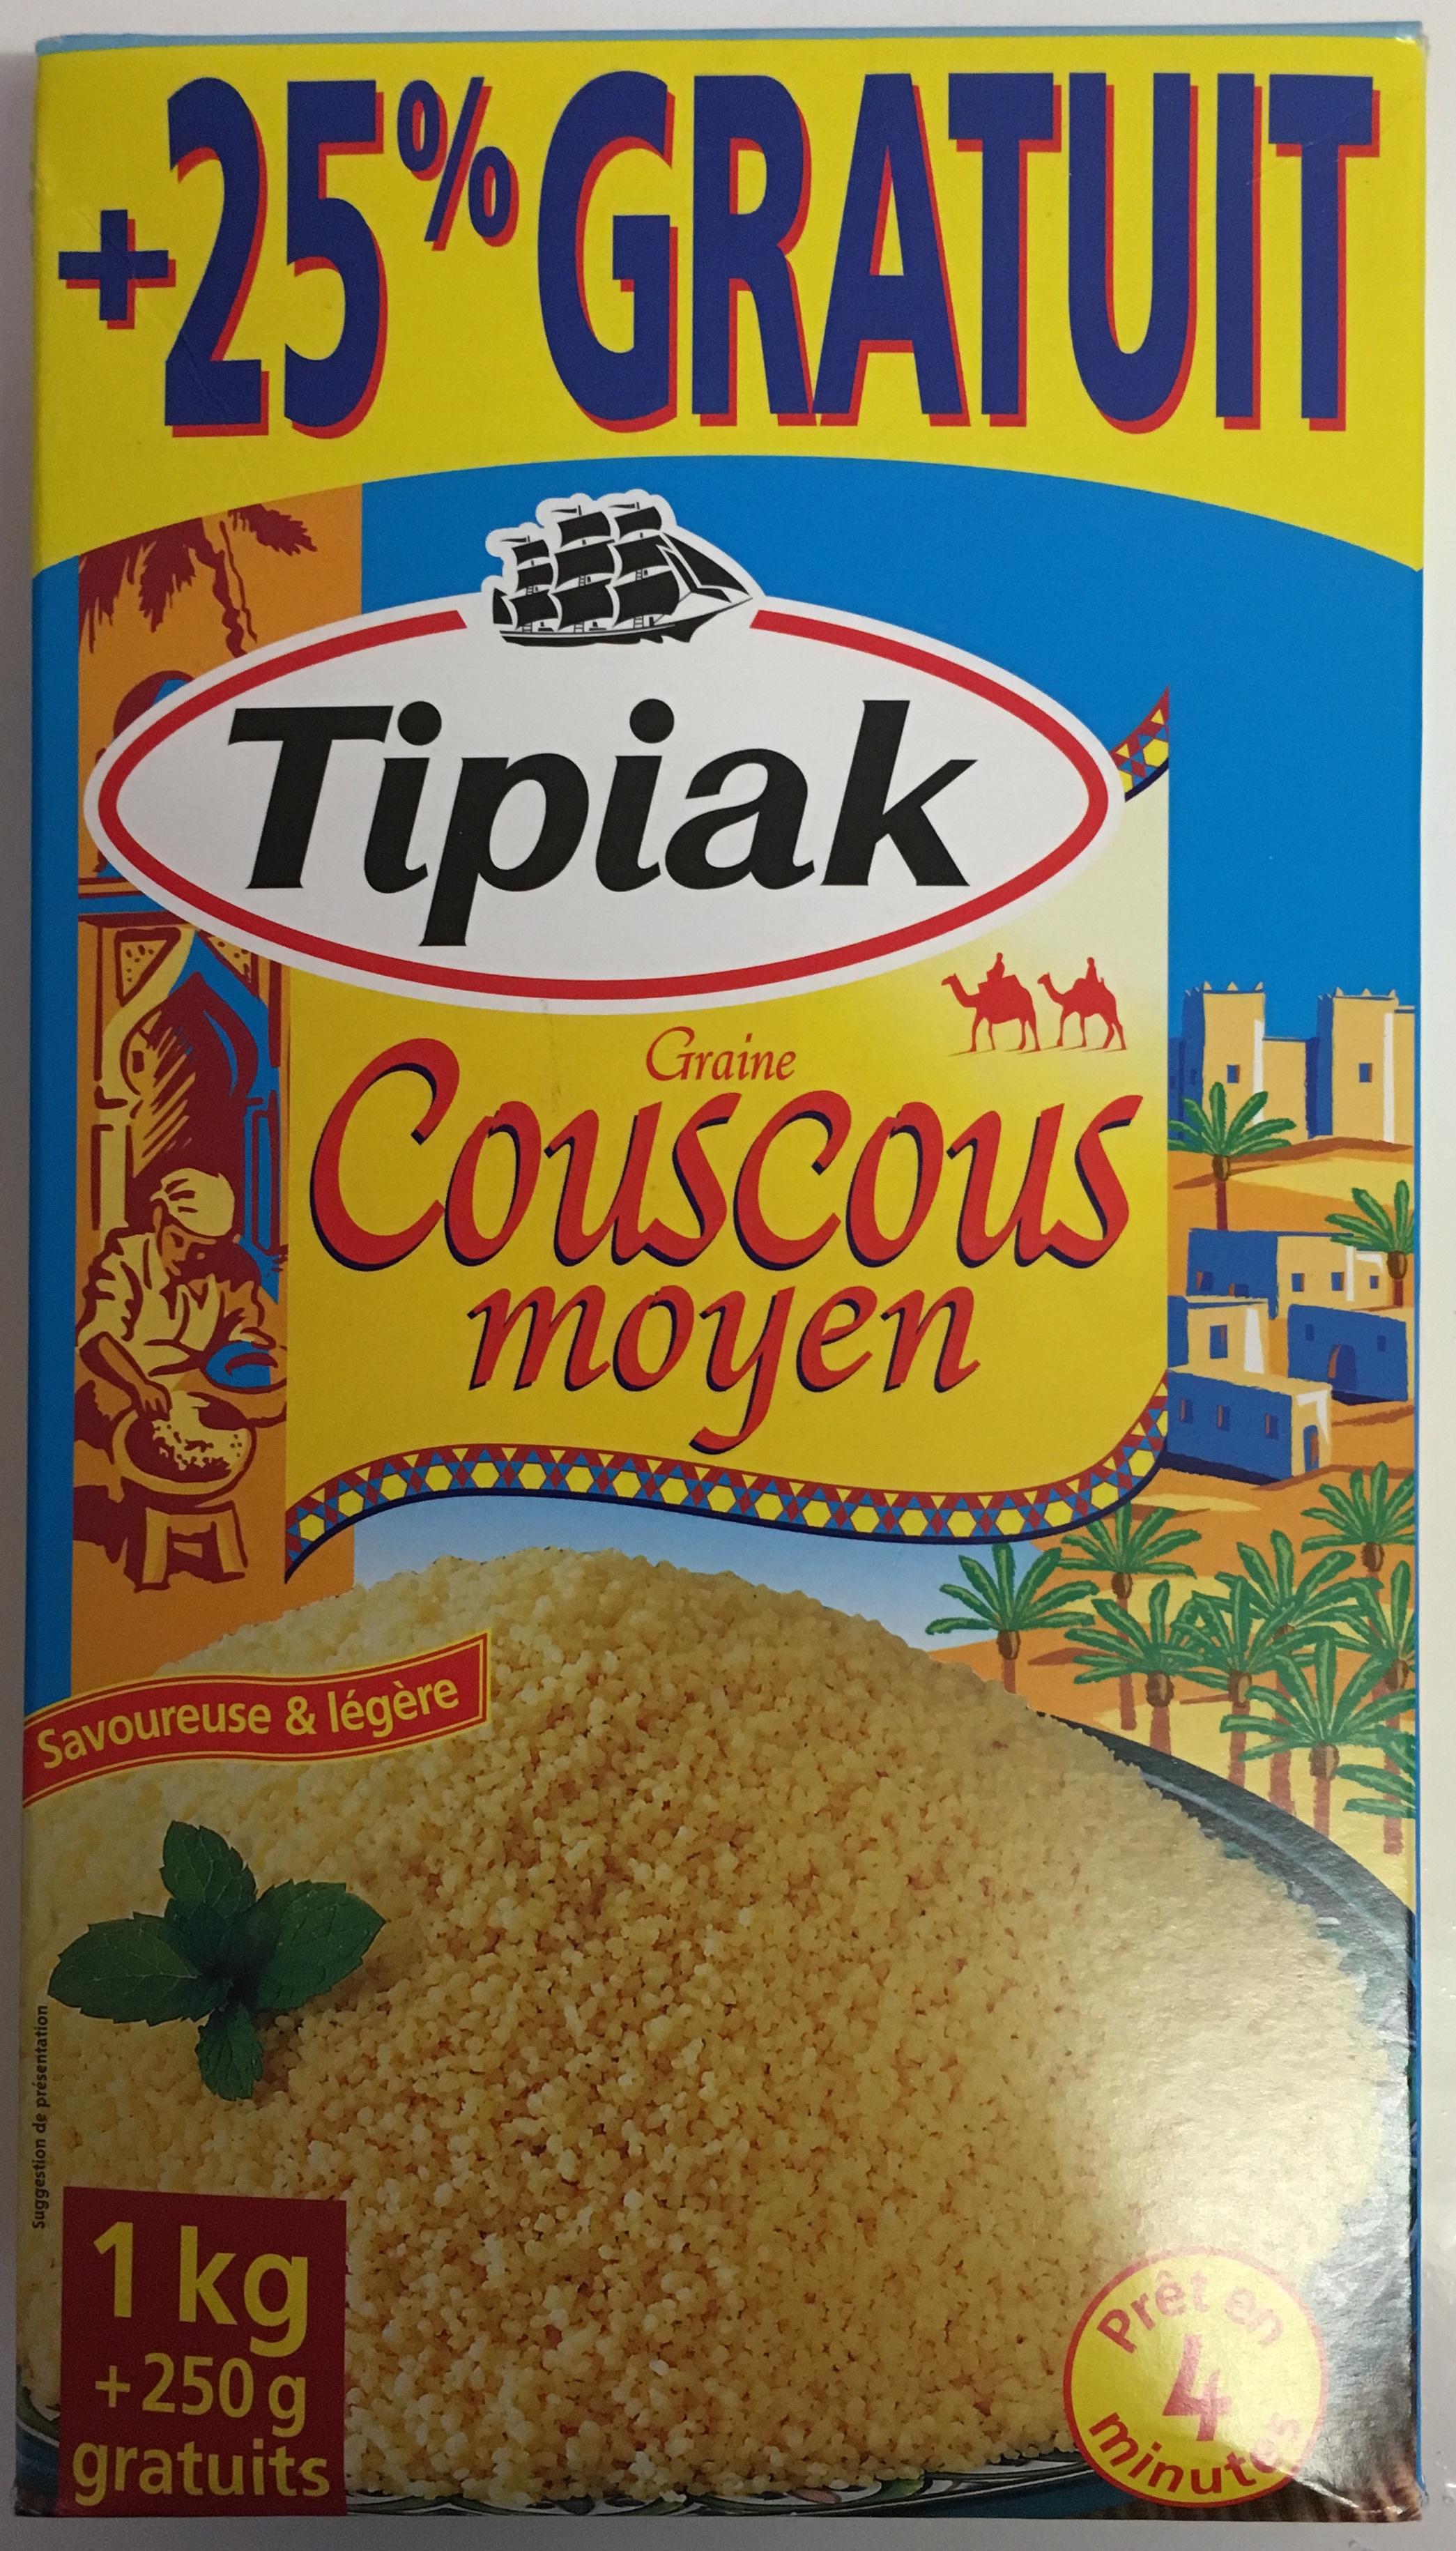 Graine Couscous moyen (+25% gratuit) - Produit - fr